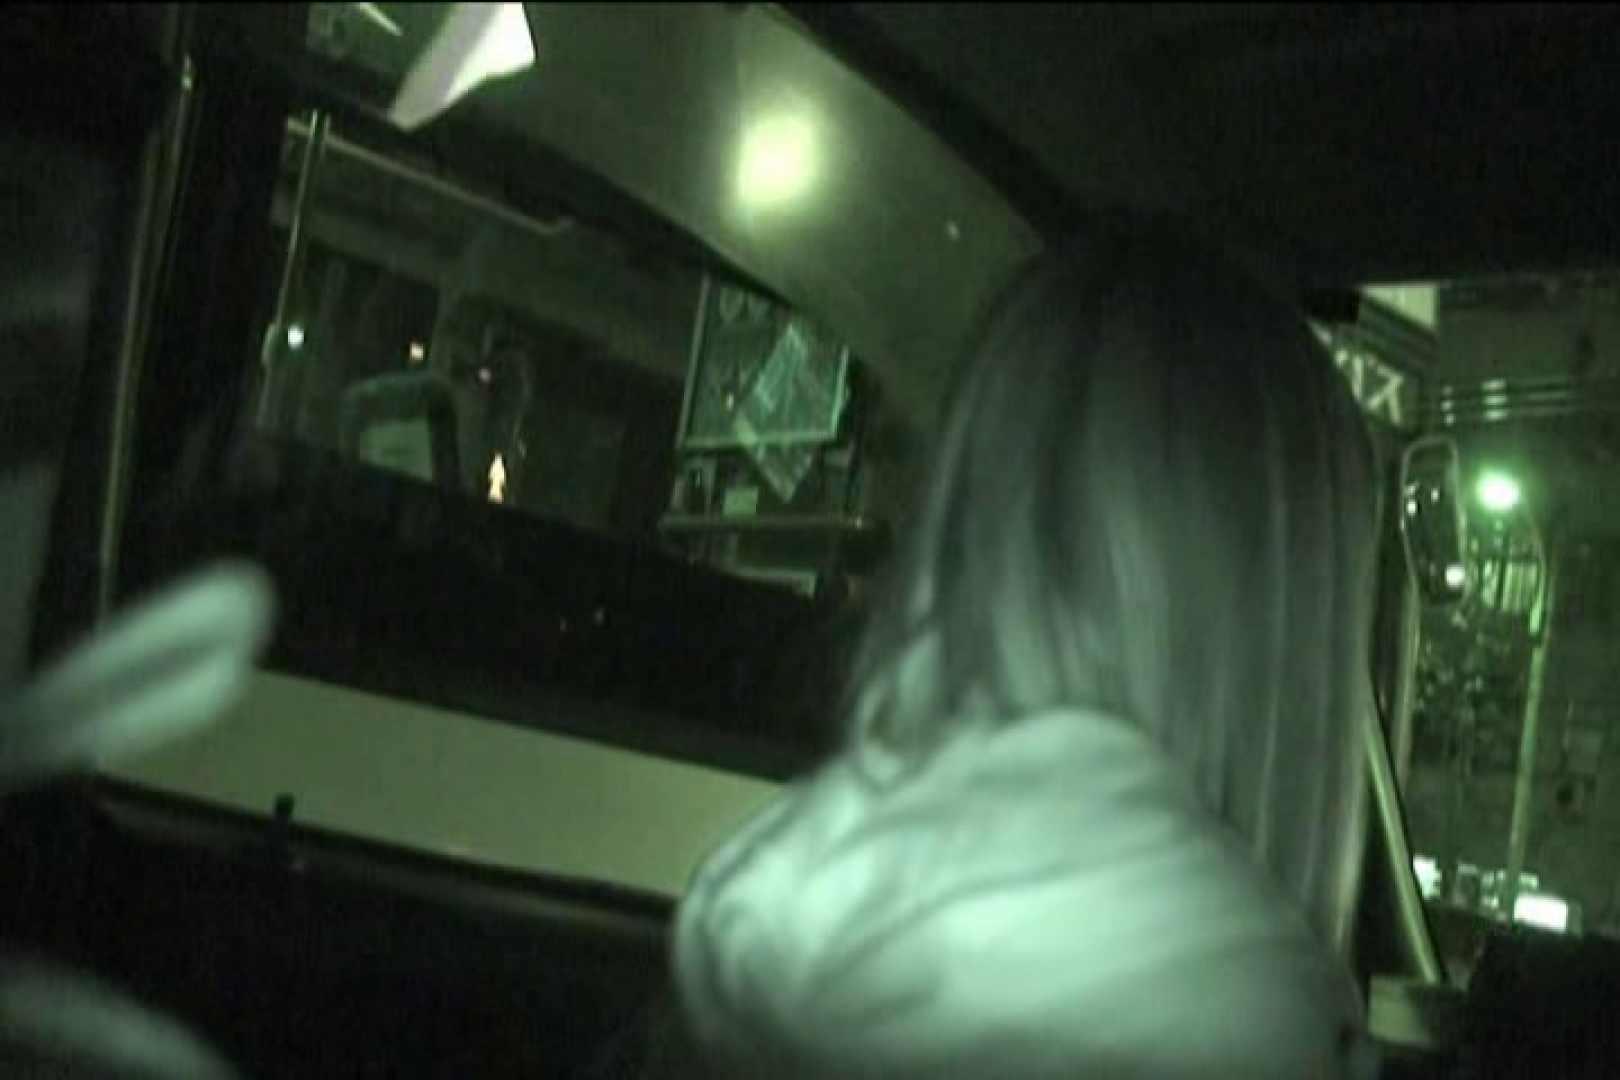 車内で初めまして! vol03 パンティ AV無料 94枚 34